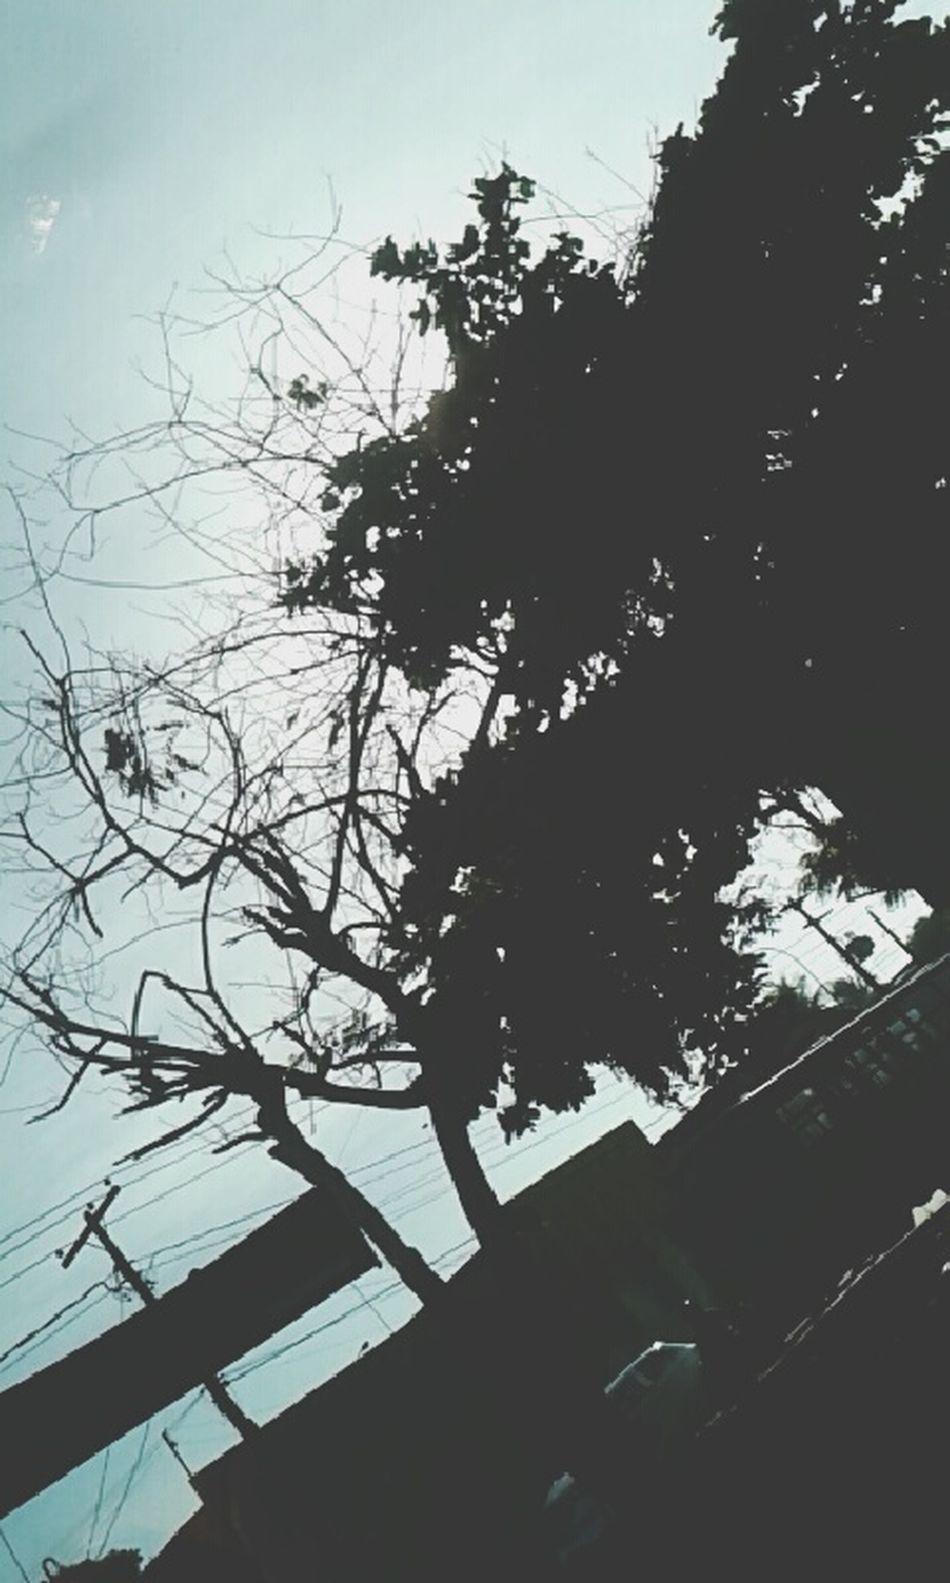 Cuide da natureza enquanto pode ;) Nature